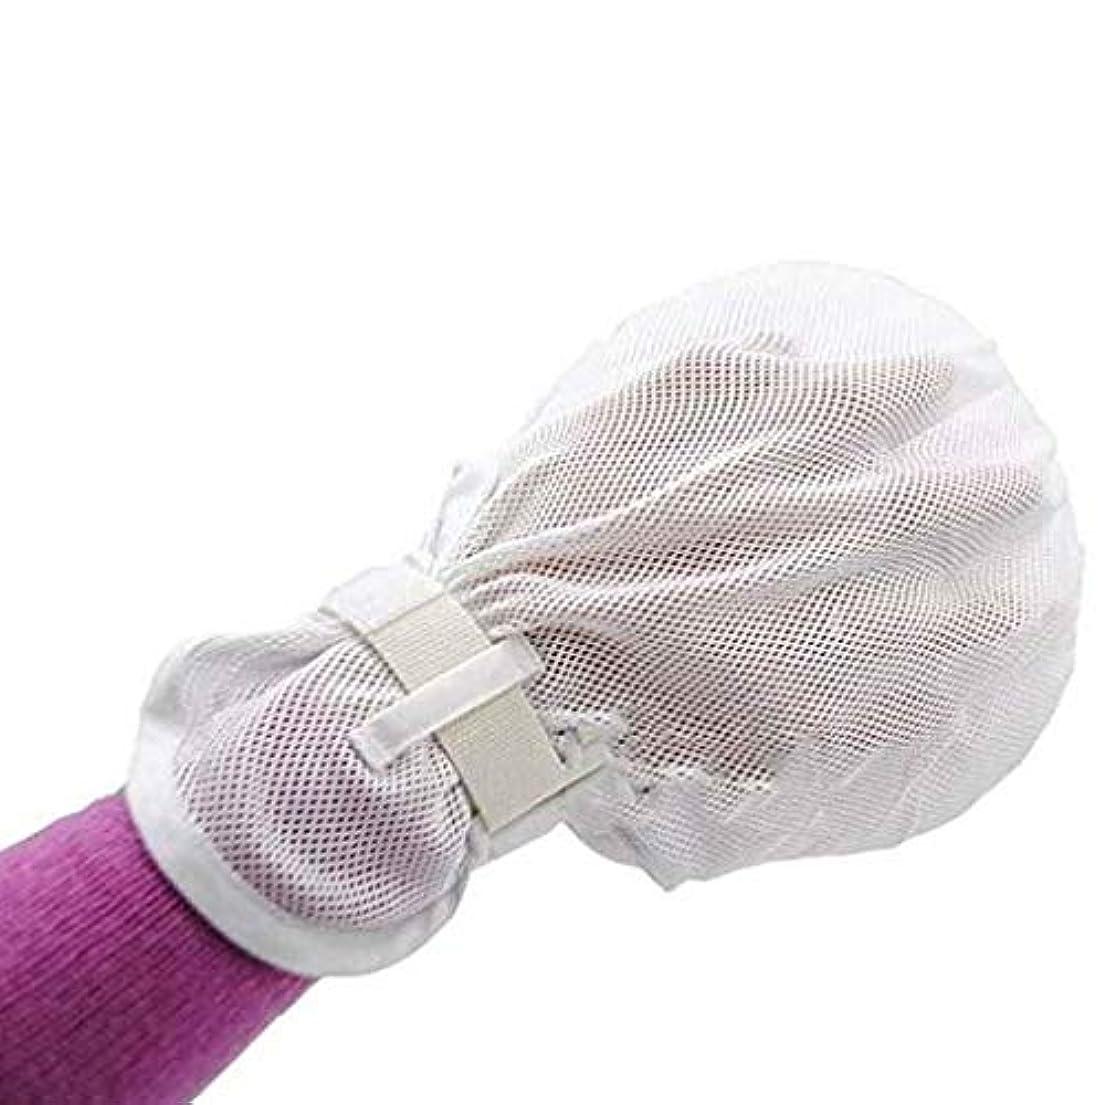 見捨てるやりすぎ方程式フィンガーコントロールミット、手の感染防止用プロテクターミット医療用制限患者用ユニバーサルフィンガーハム固定手袋